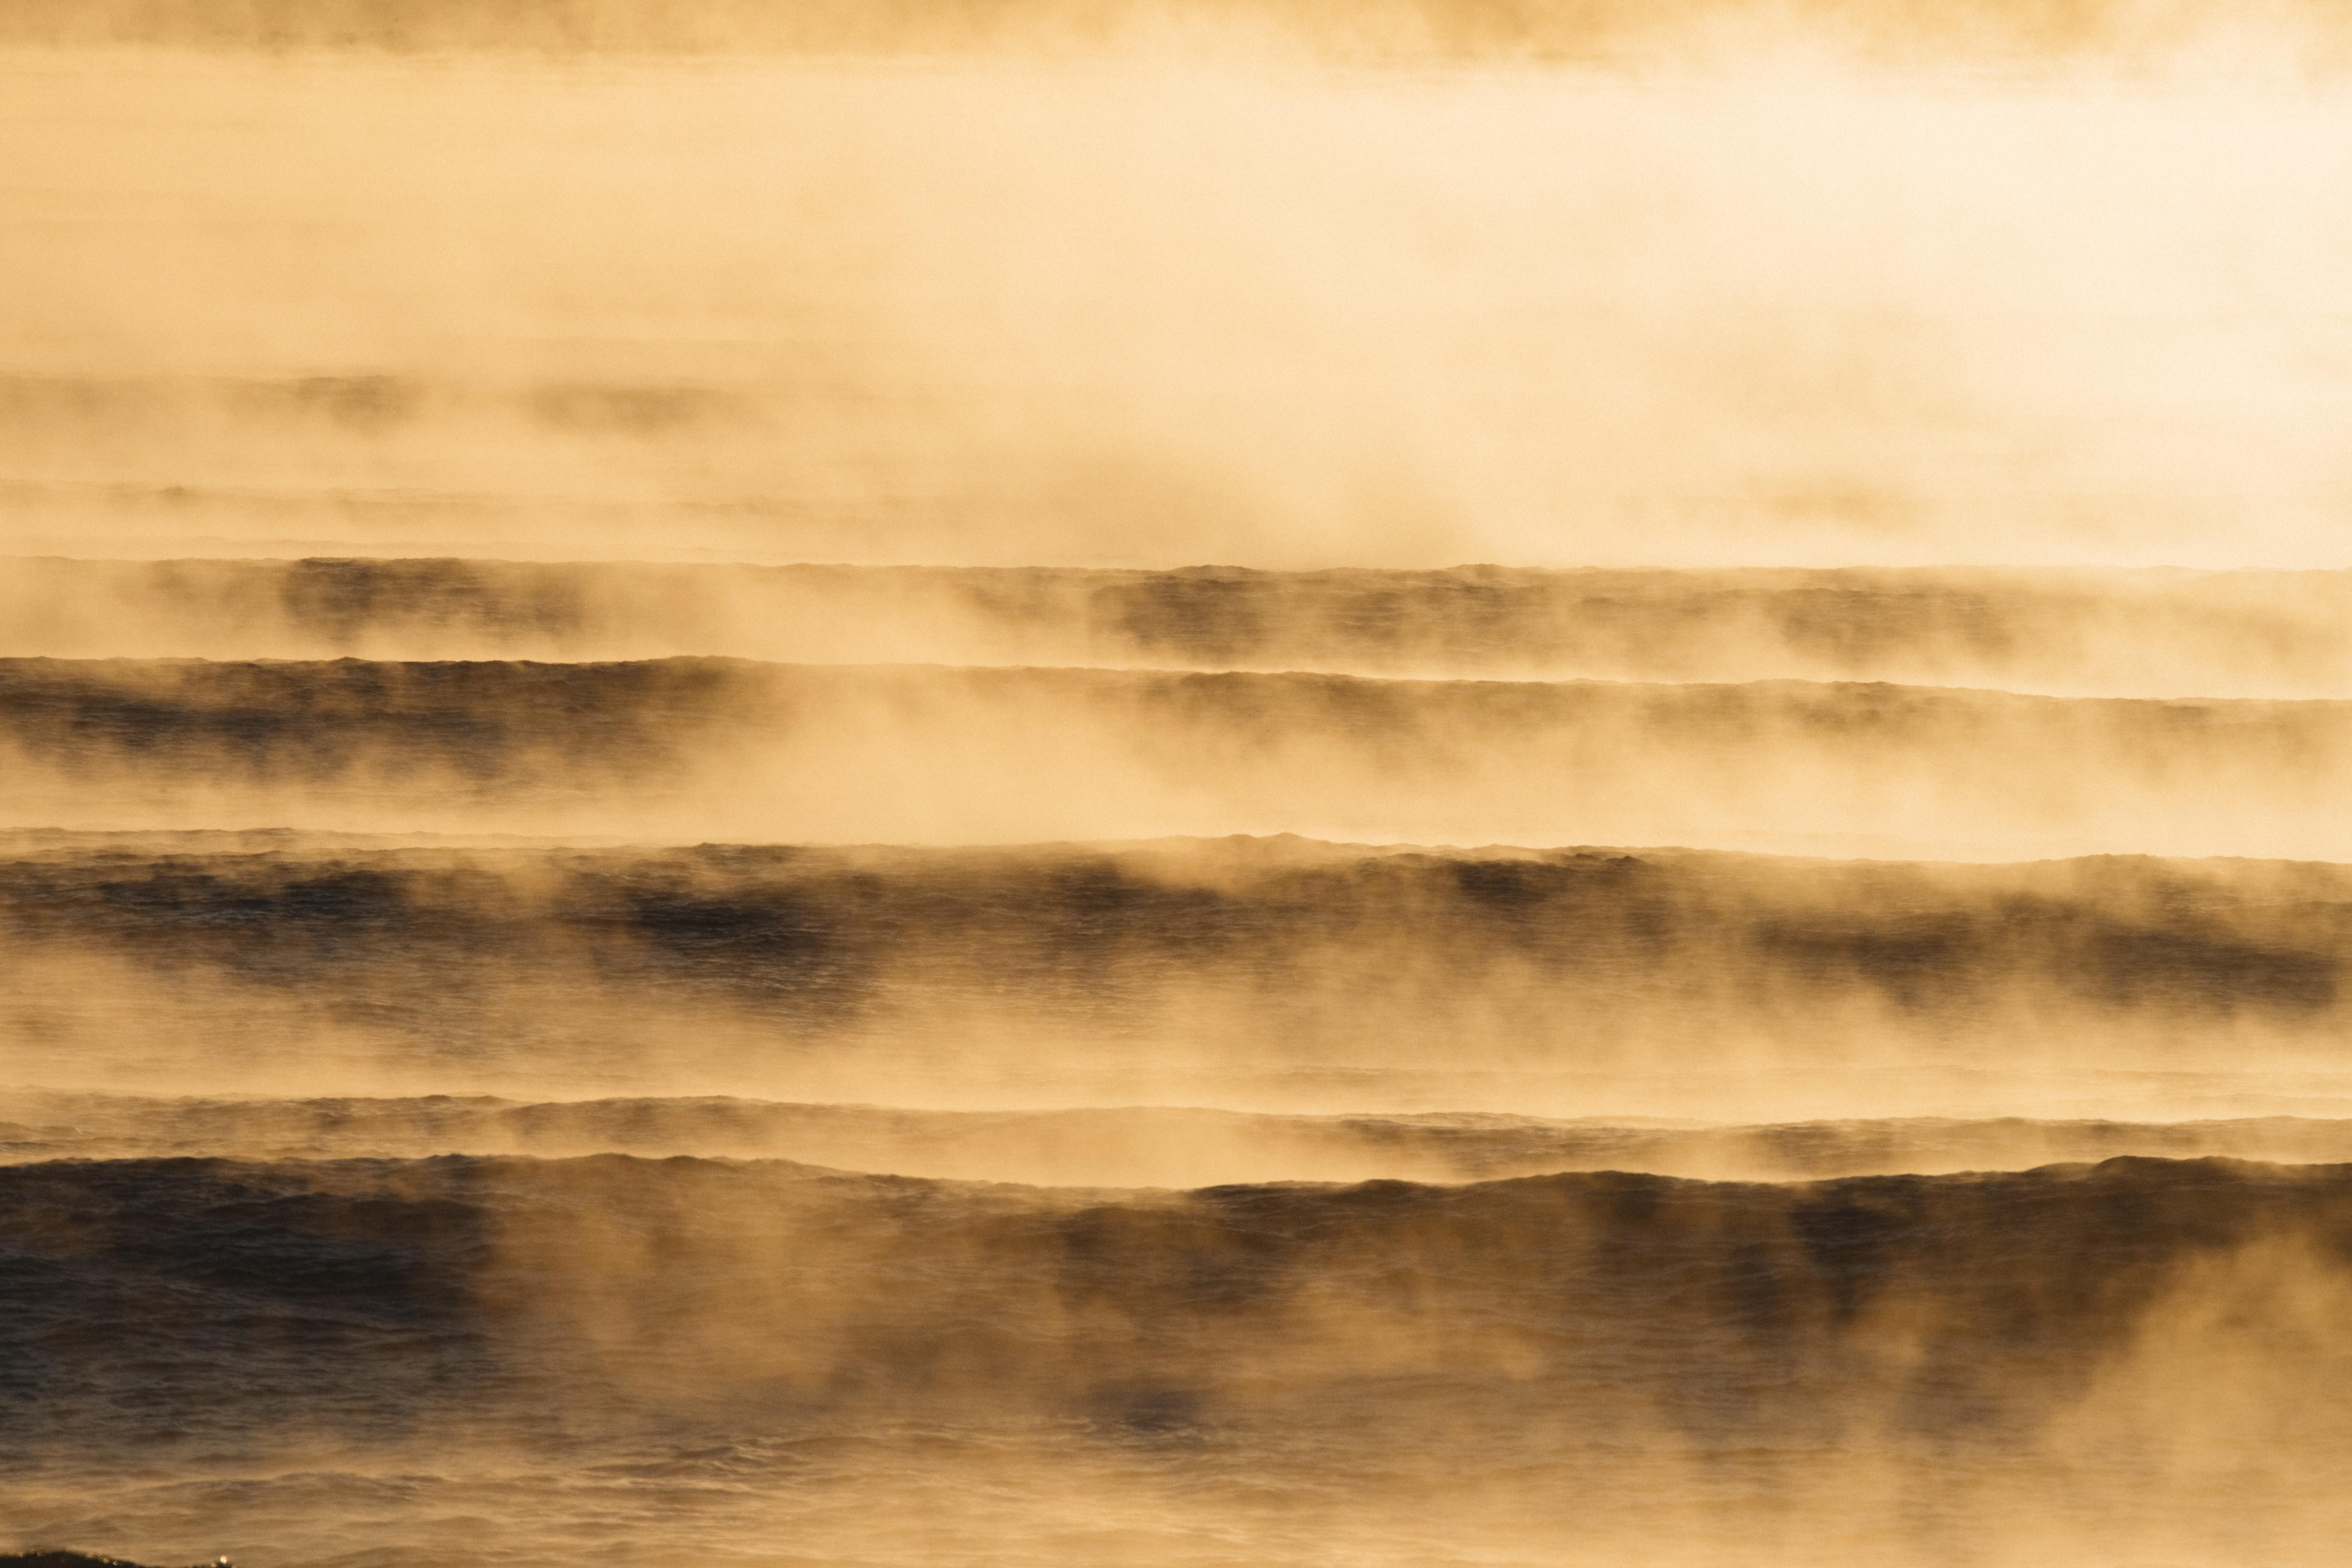 Первые кадры полнометражного фильма Surf in siberia.